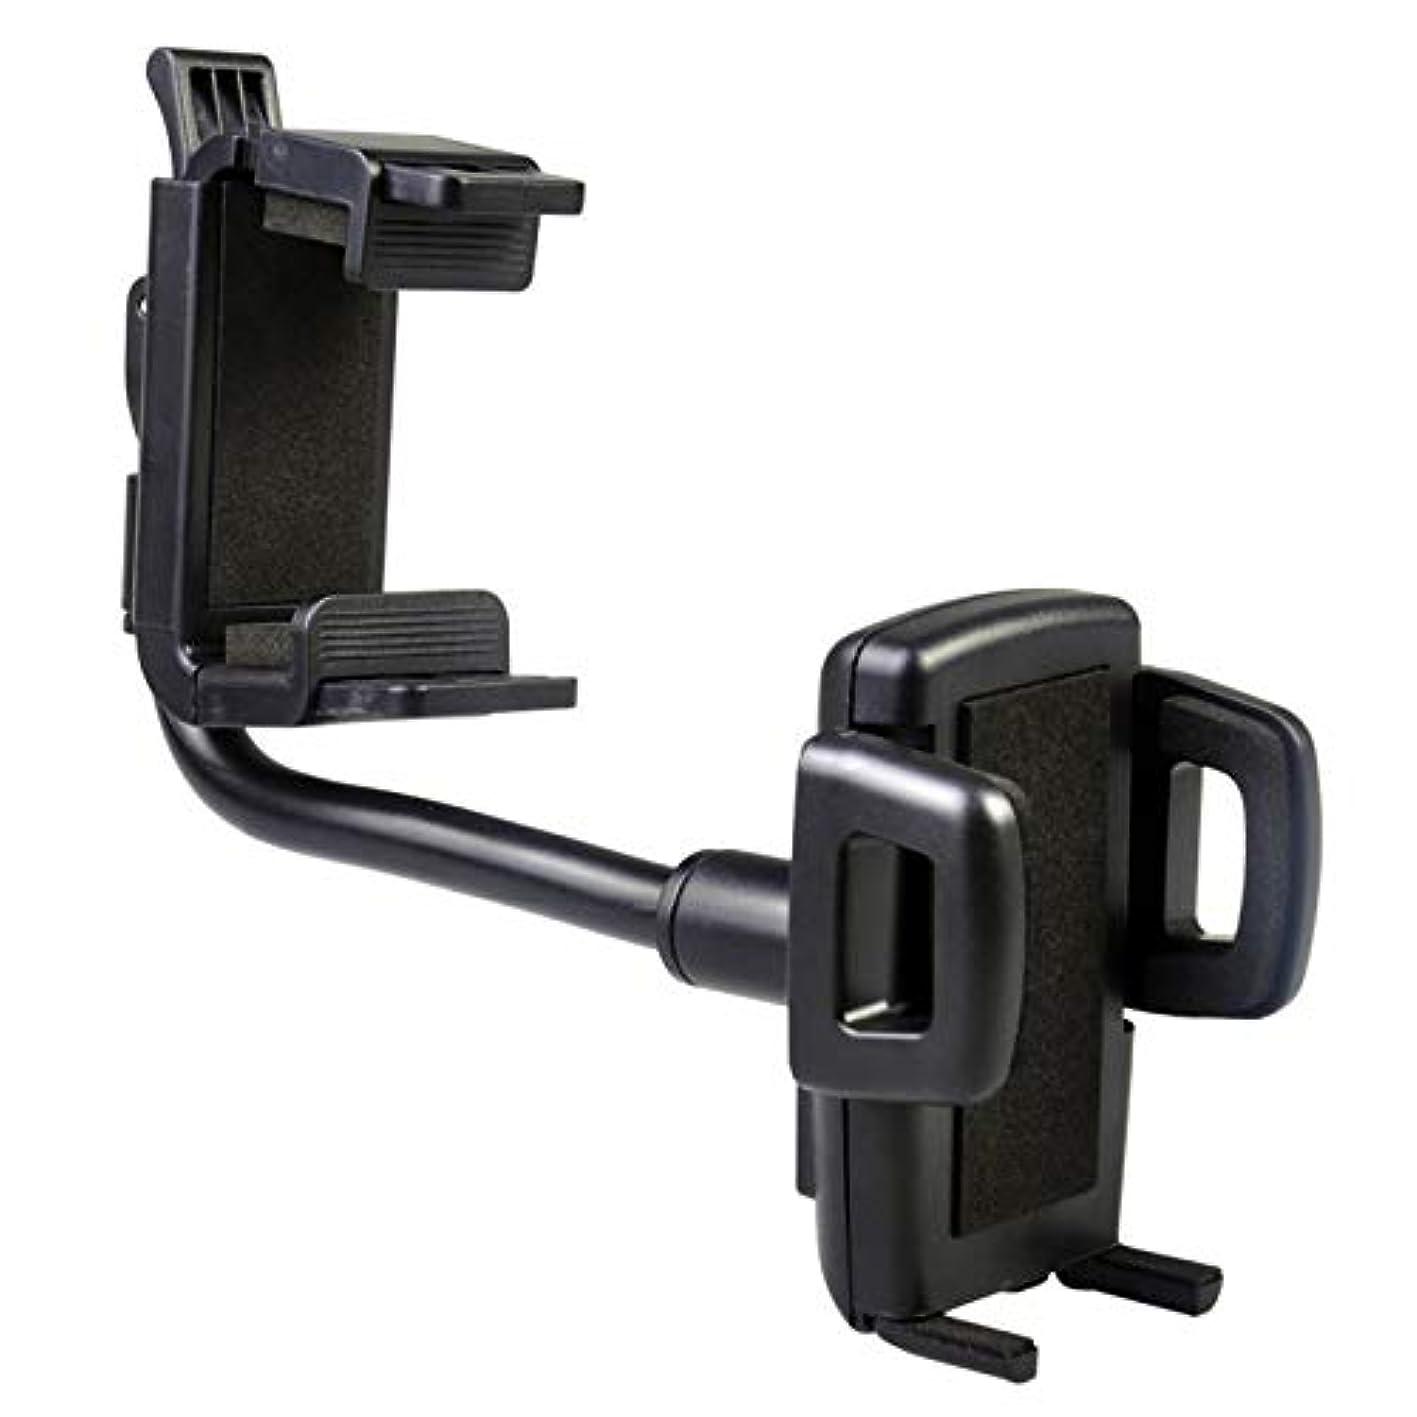 ブラストシリンダーヘリコプターJicorzo - 車の自動車のバックミラーマウント携帯電話ホルダーブラケットは、iPhoneの携帯電話のGPSのためにサムスンのためにスタンド360度のホルダー